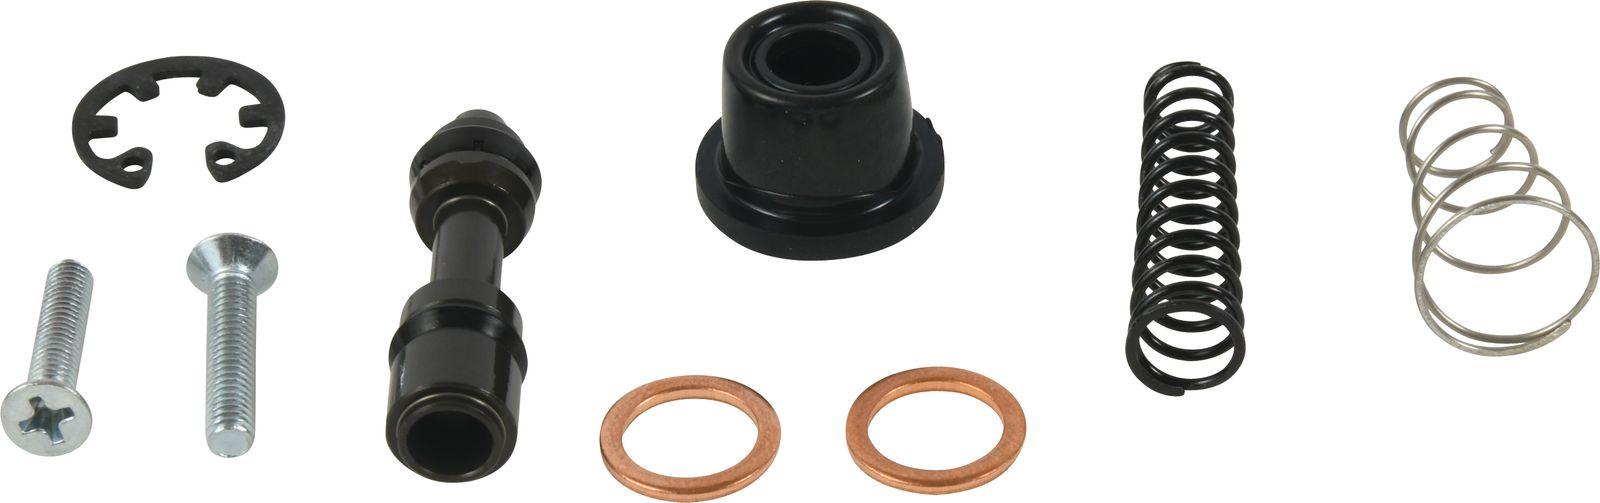 Wrp Master Cylinder Repair Kit - WRP181024 image